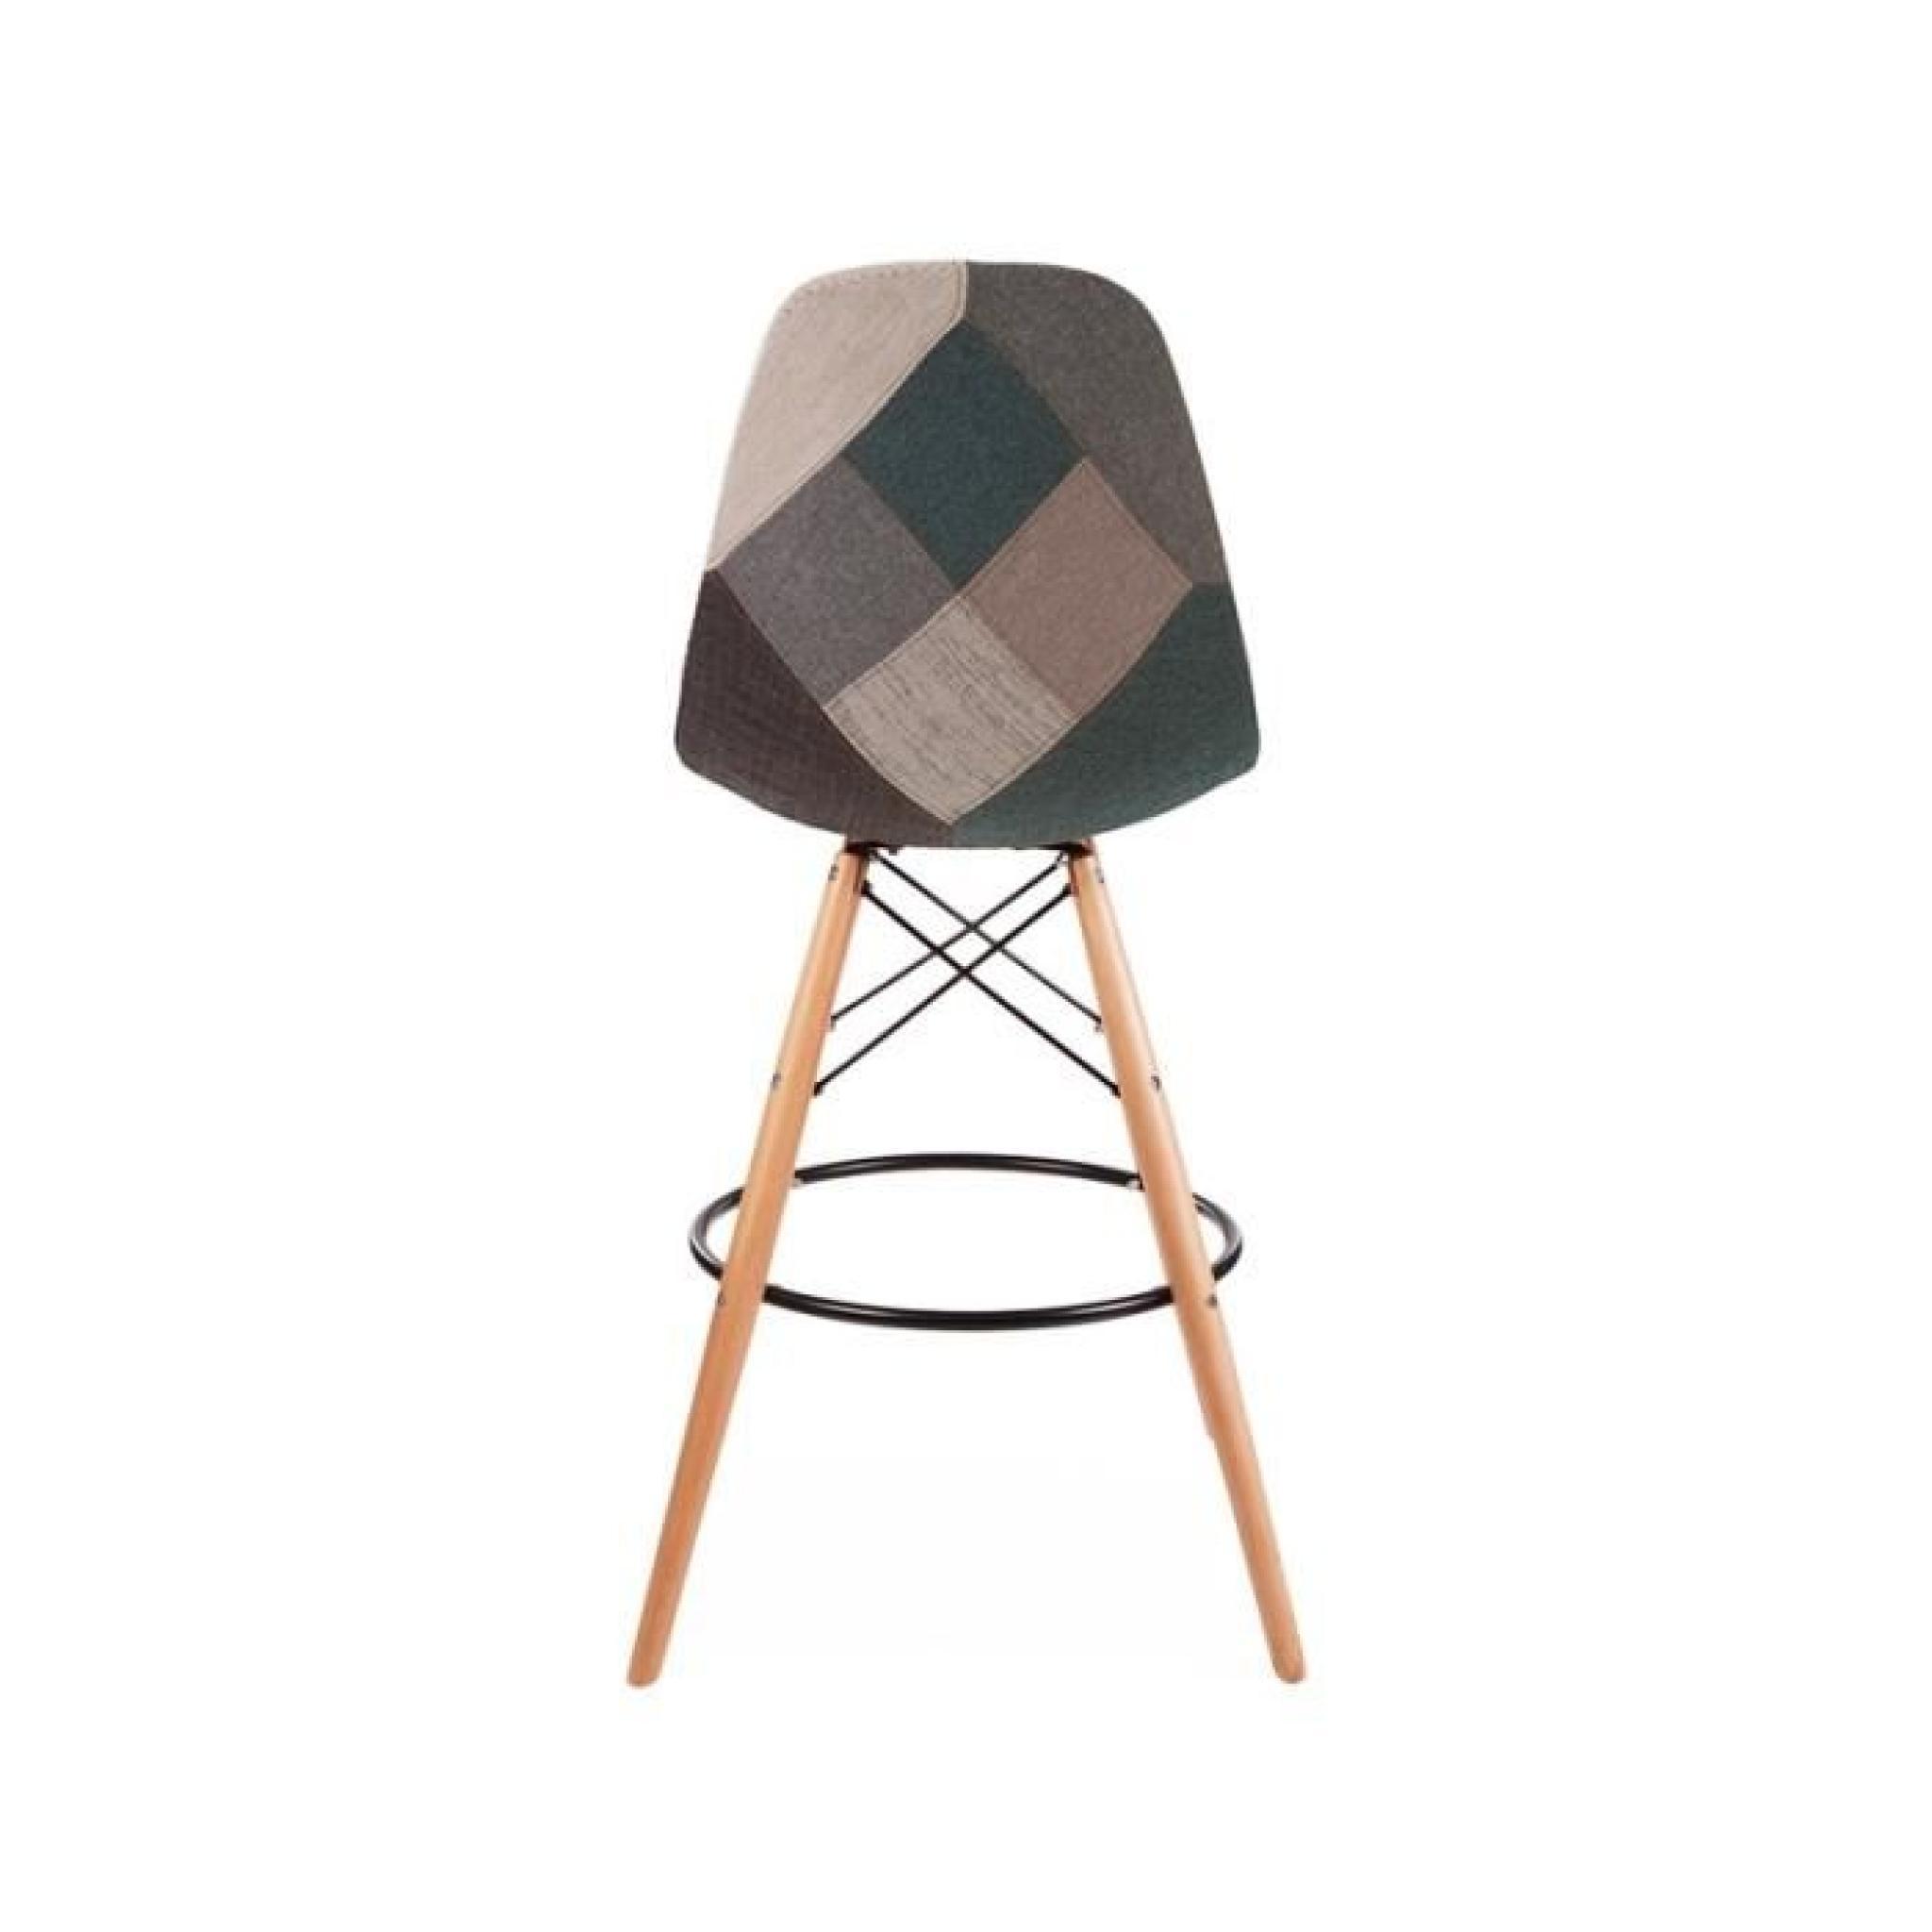 tabouret de bar patchwork mobilier design d coration d. Black Bedroom Furniture Sets. Home Design Ideas